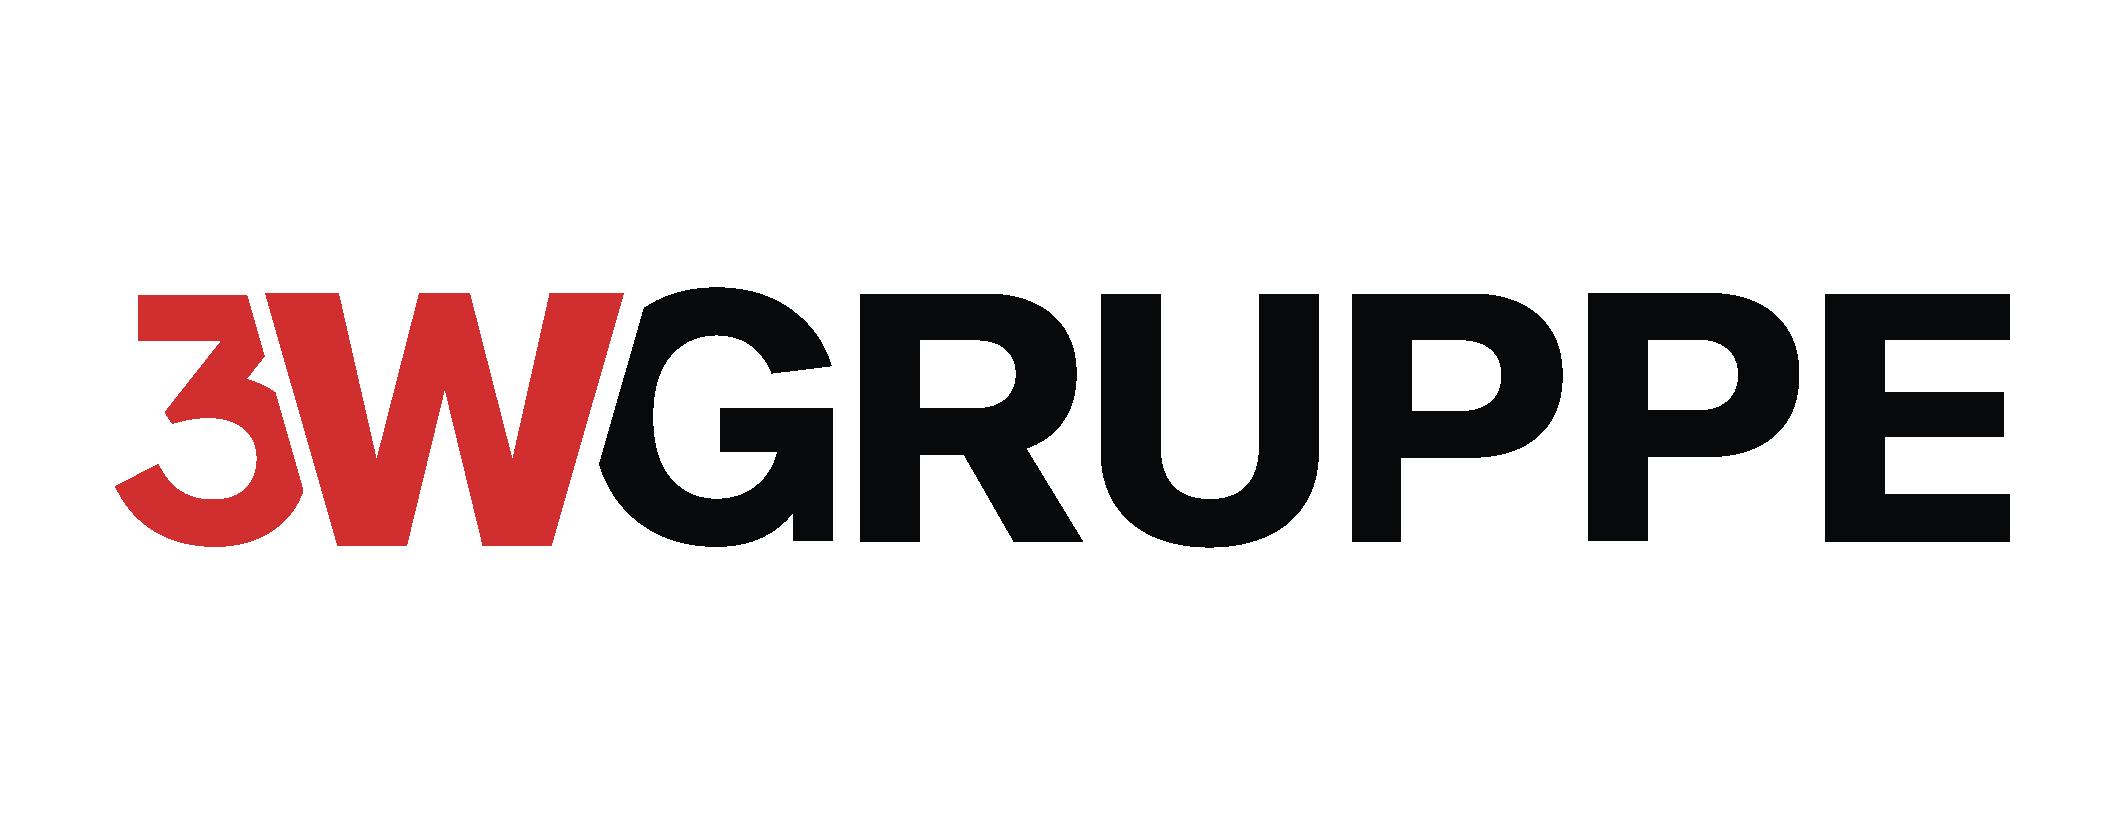 3W GRUPPE | Gemeinsam in die digitale Zukunft